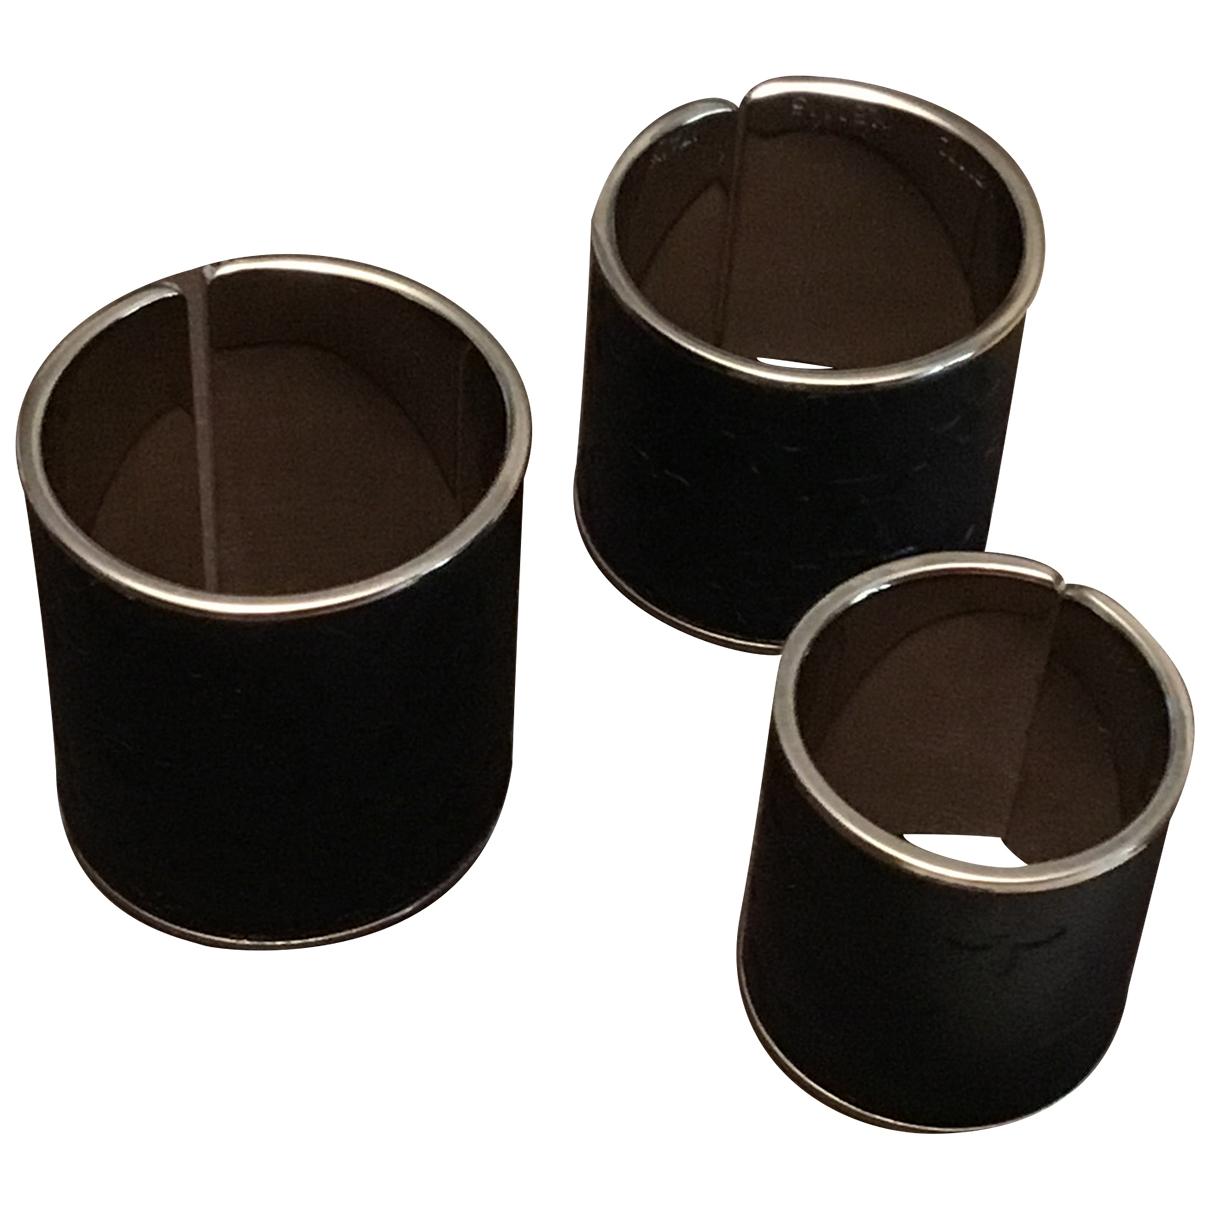 Louis Vuitton \N Ring in  Schwarz Metall